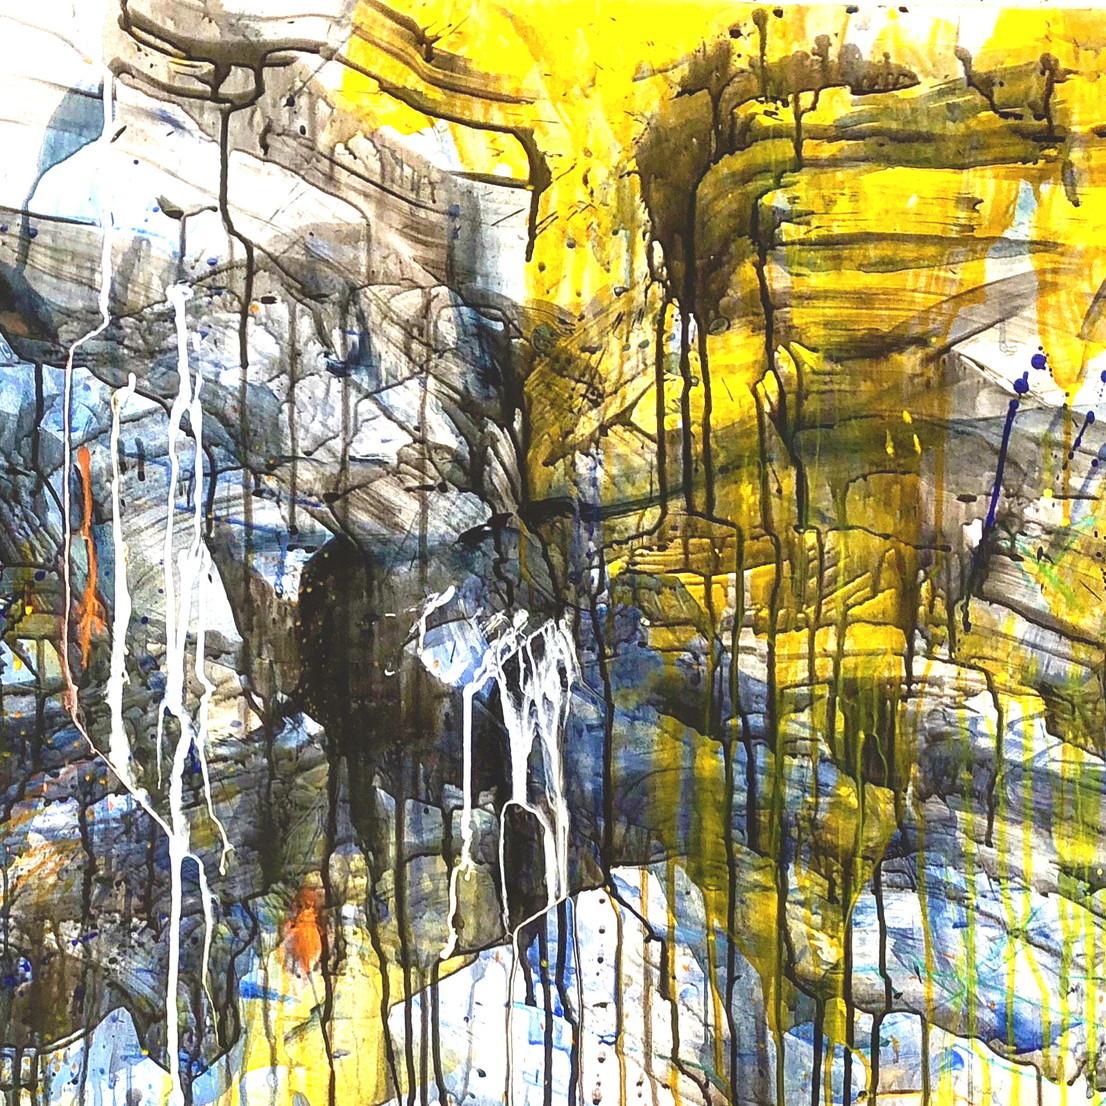 絵画 インテリア アートパネル 雑貨 壁掛け 置物 おしゃれ 抽象画 現代アート ロココロ 画家 : tamajapan 作品 : t-23